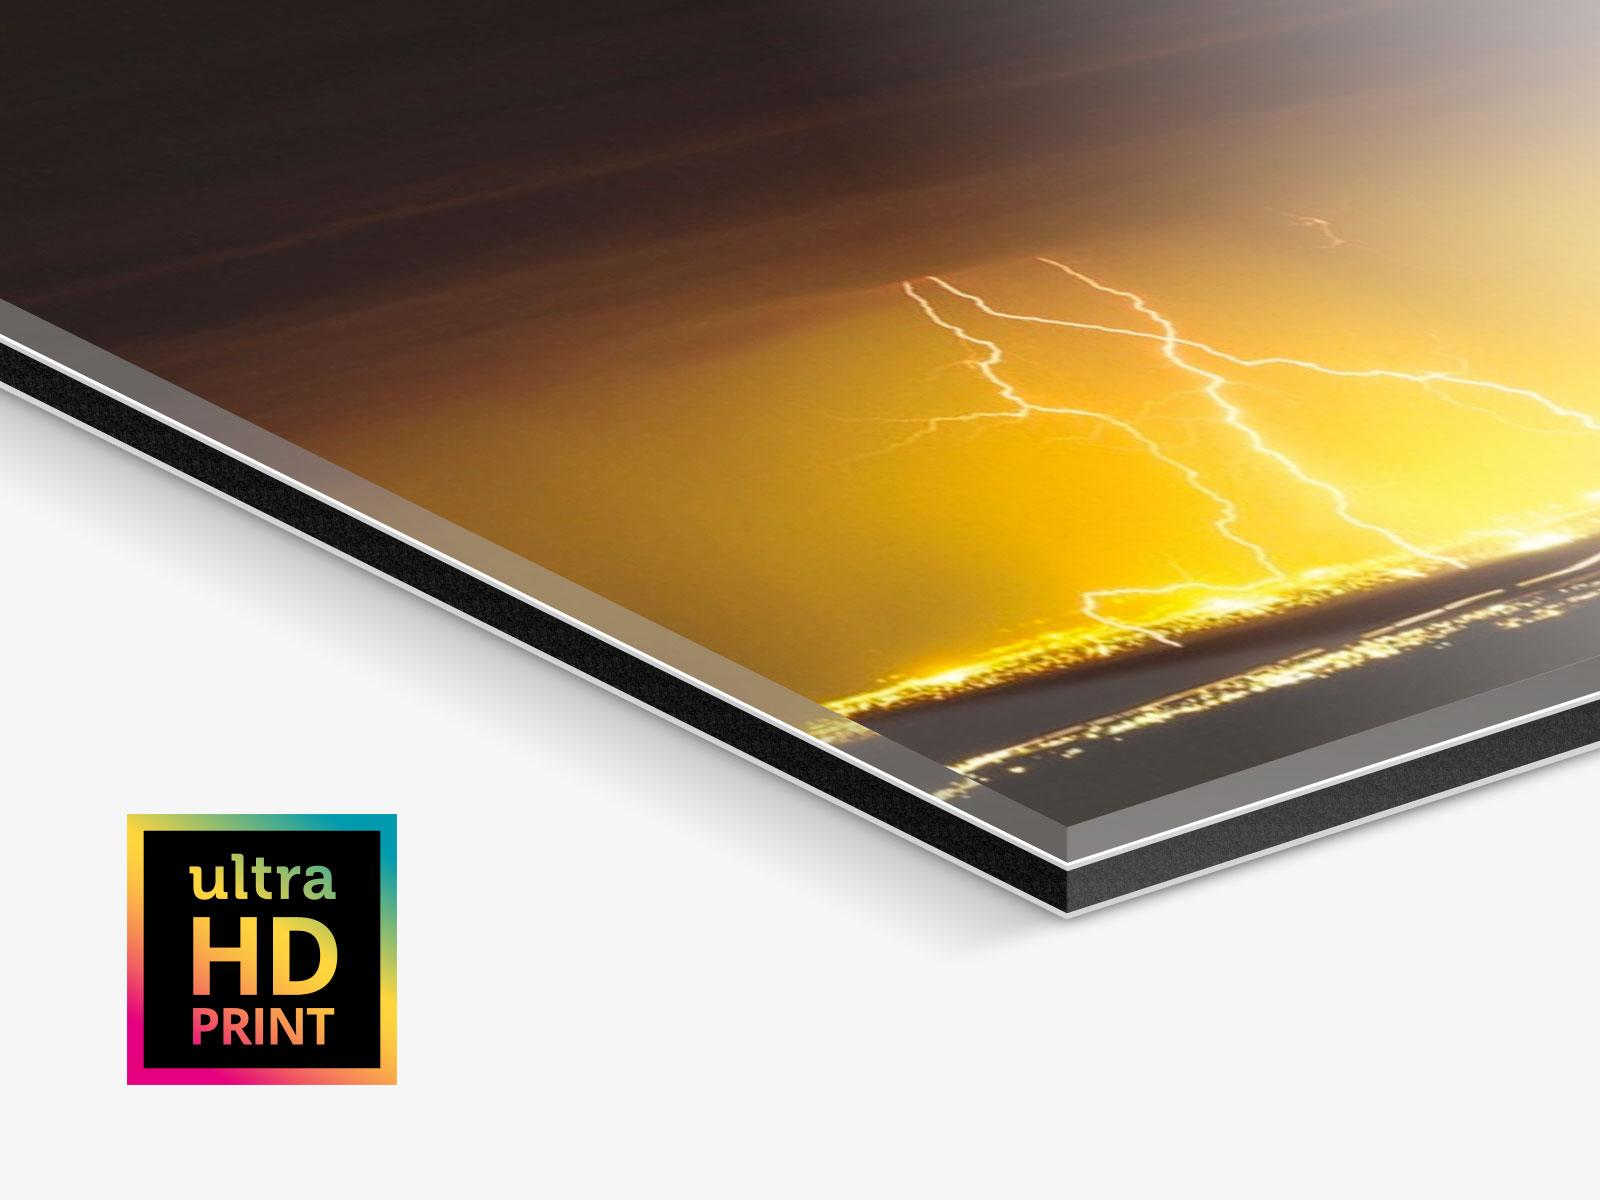 Ein Foto auf Acrylglas als ultraHD-Abzug ist ideal für Gewitter-Bilder